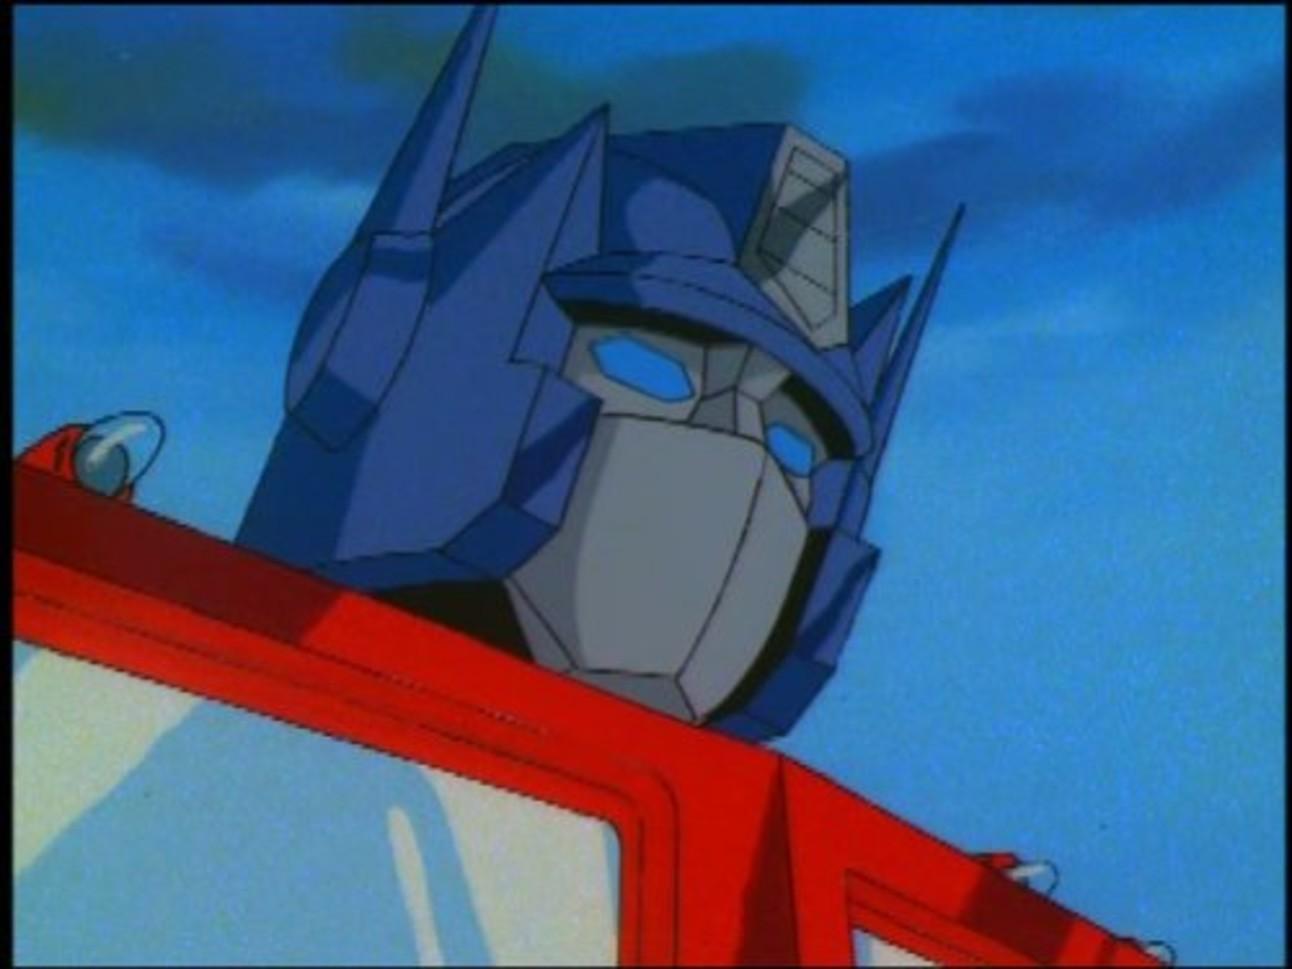 optimus prime.jpg